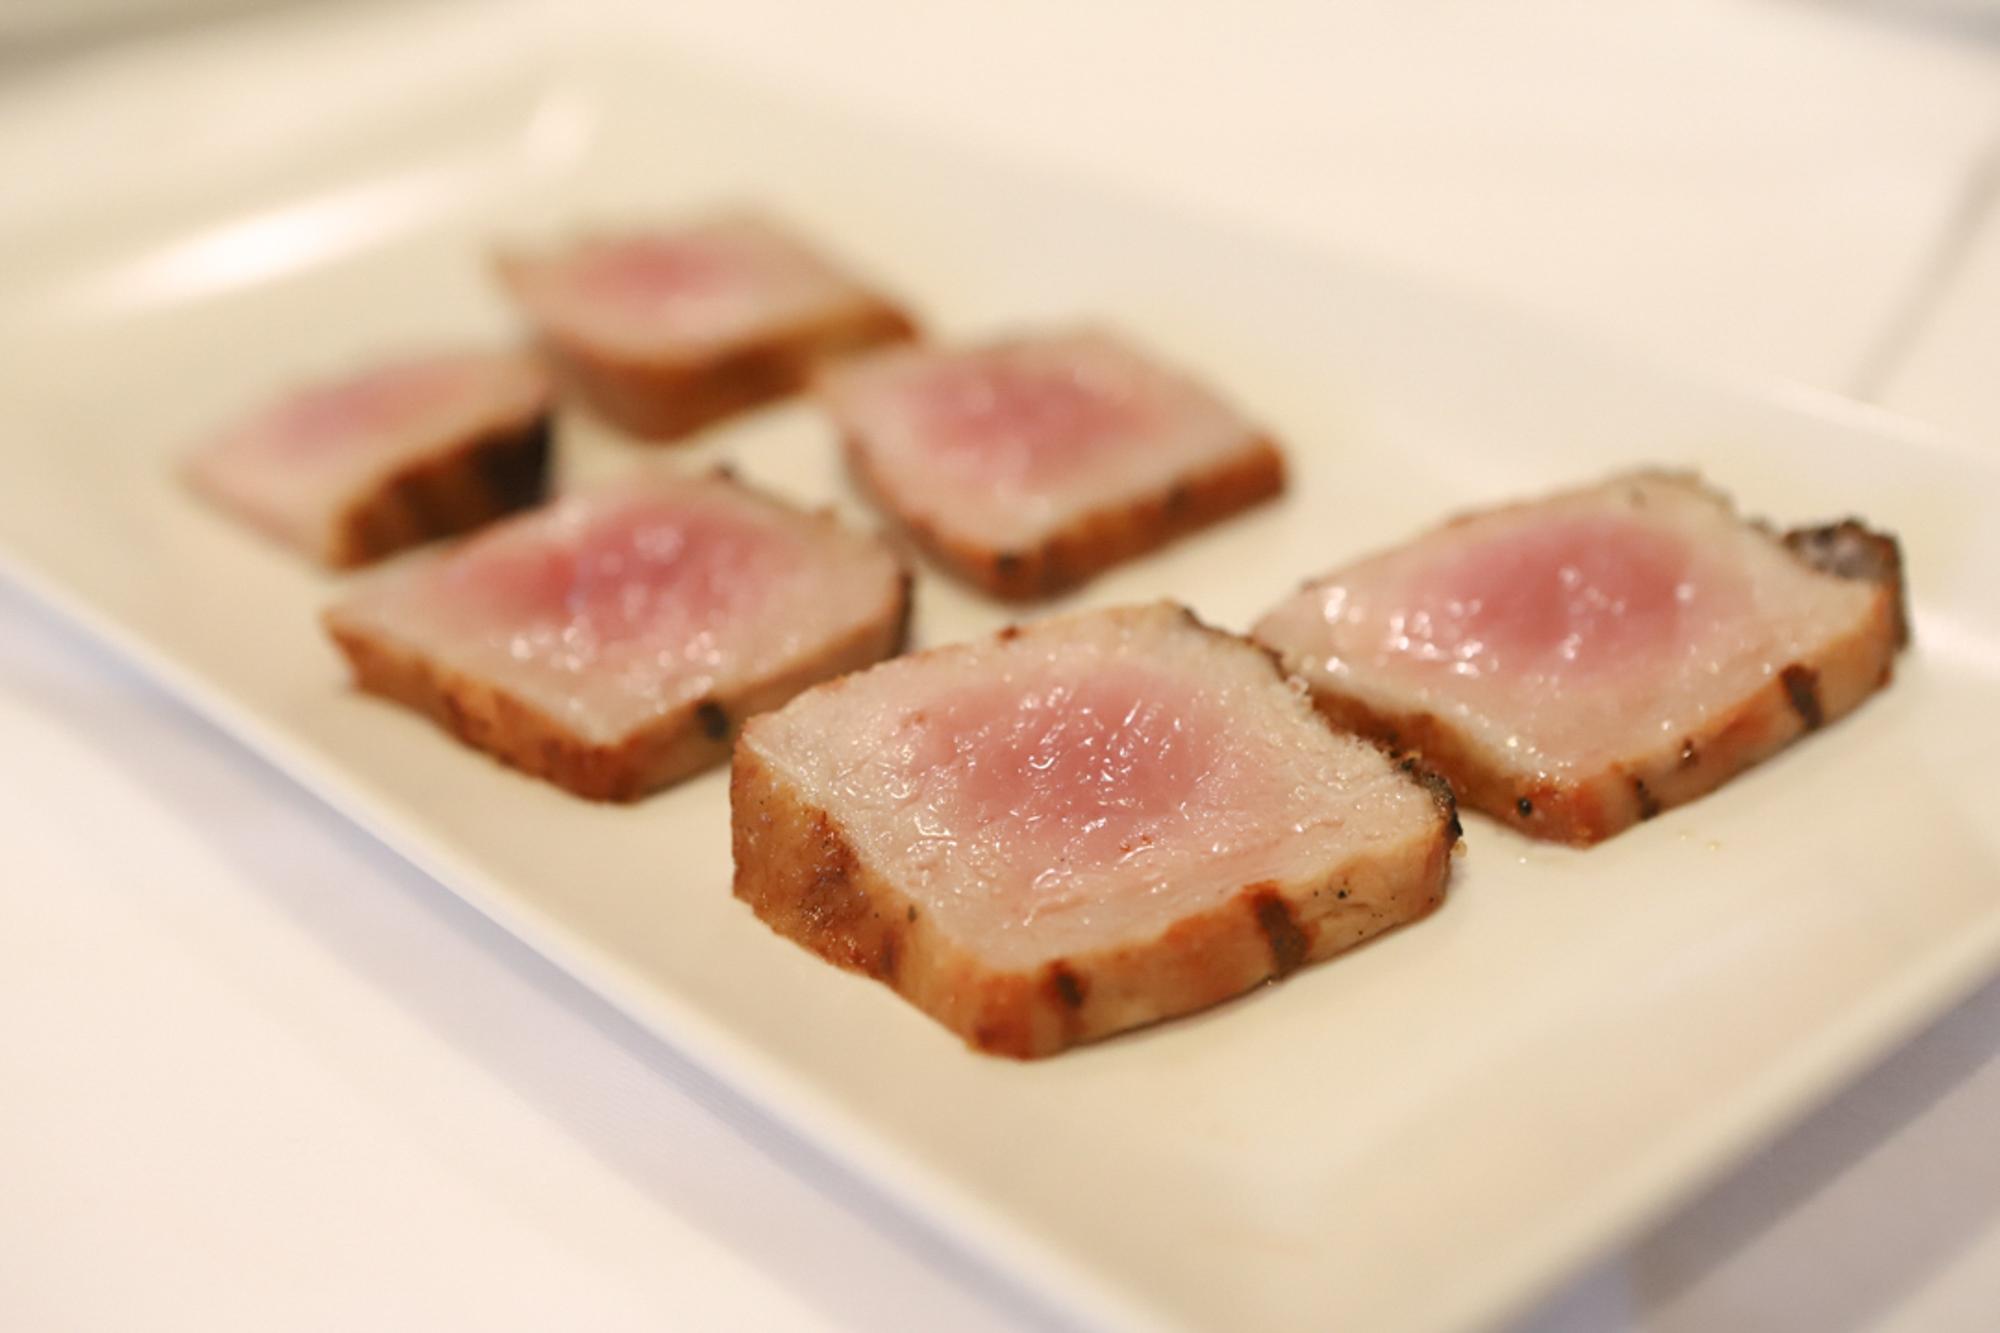 Tataki de lomo con ajo y sal, con un intencionado toque a 'quemado'.